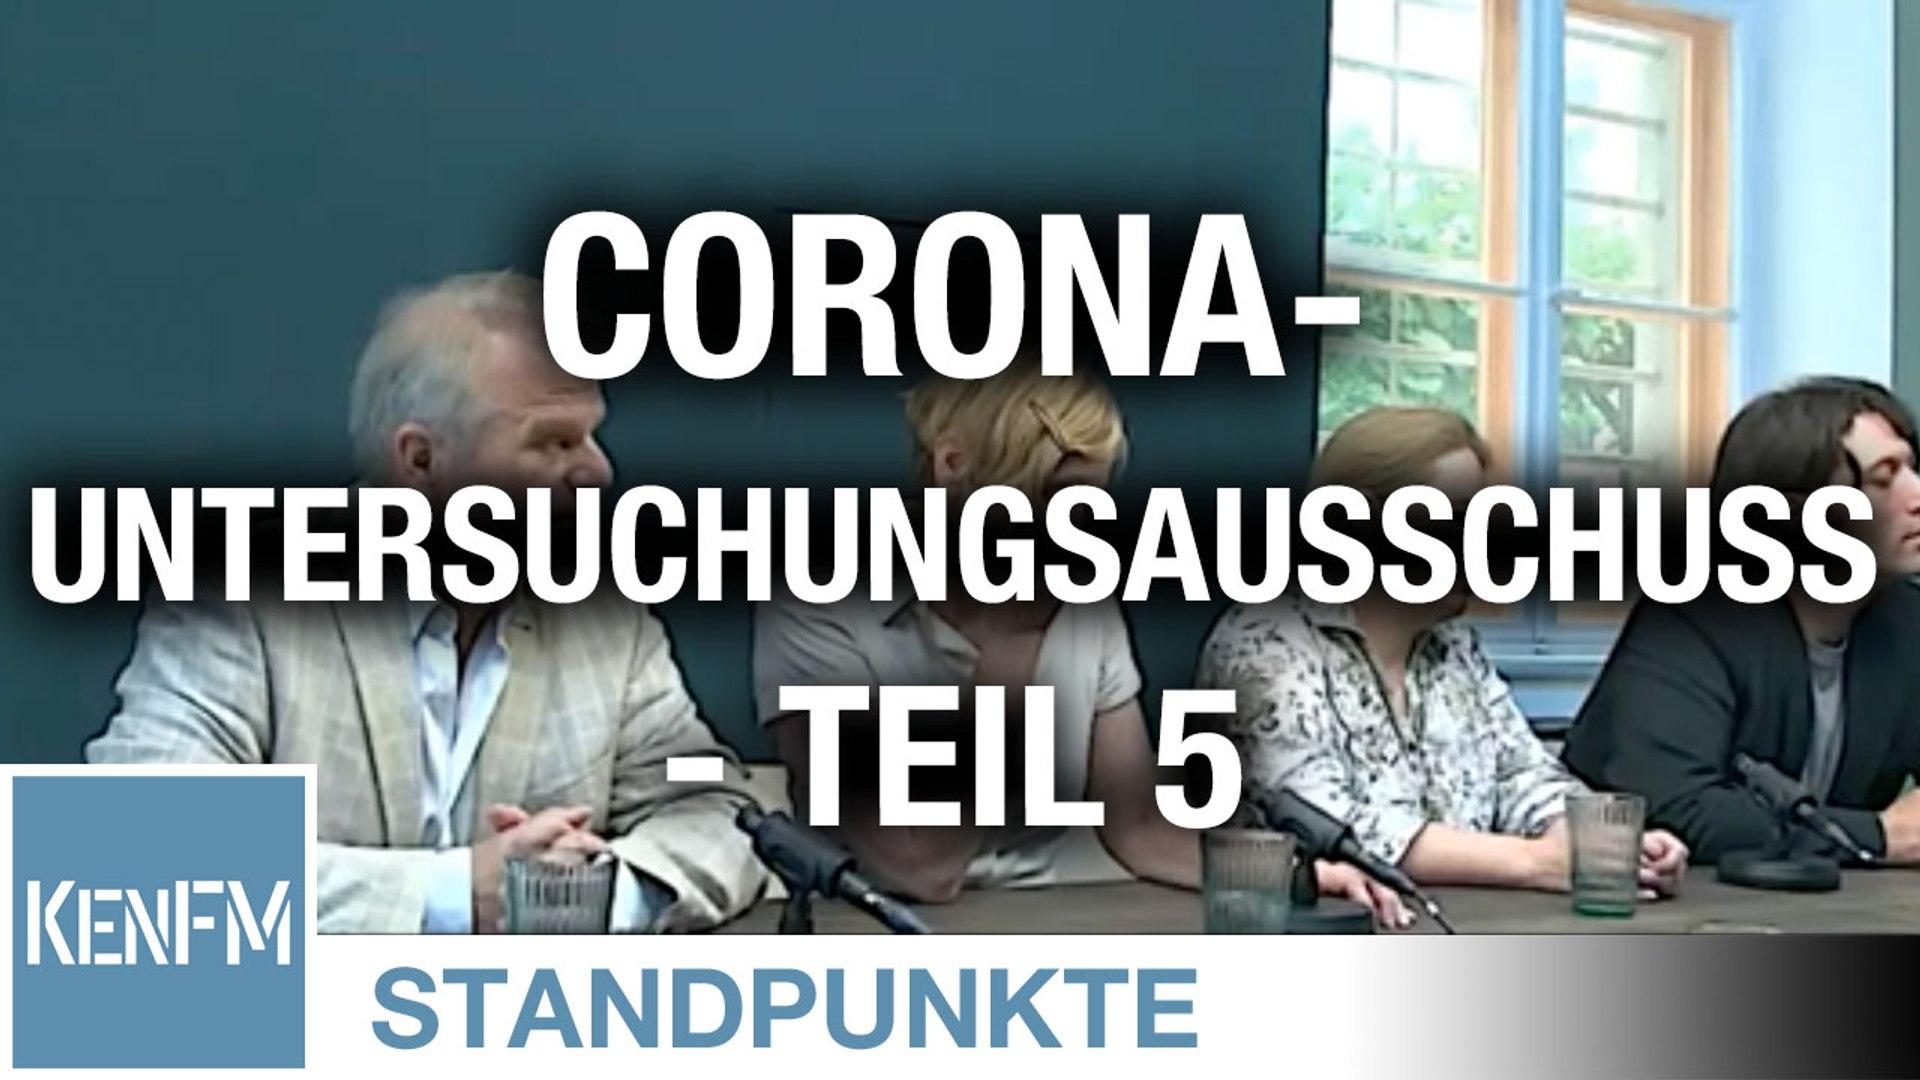 Corona-Untersuchungsausschuss – Teil 5 | Von Jochen Mitschka